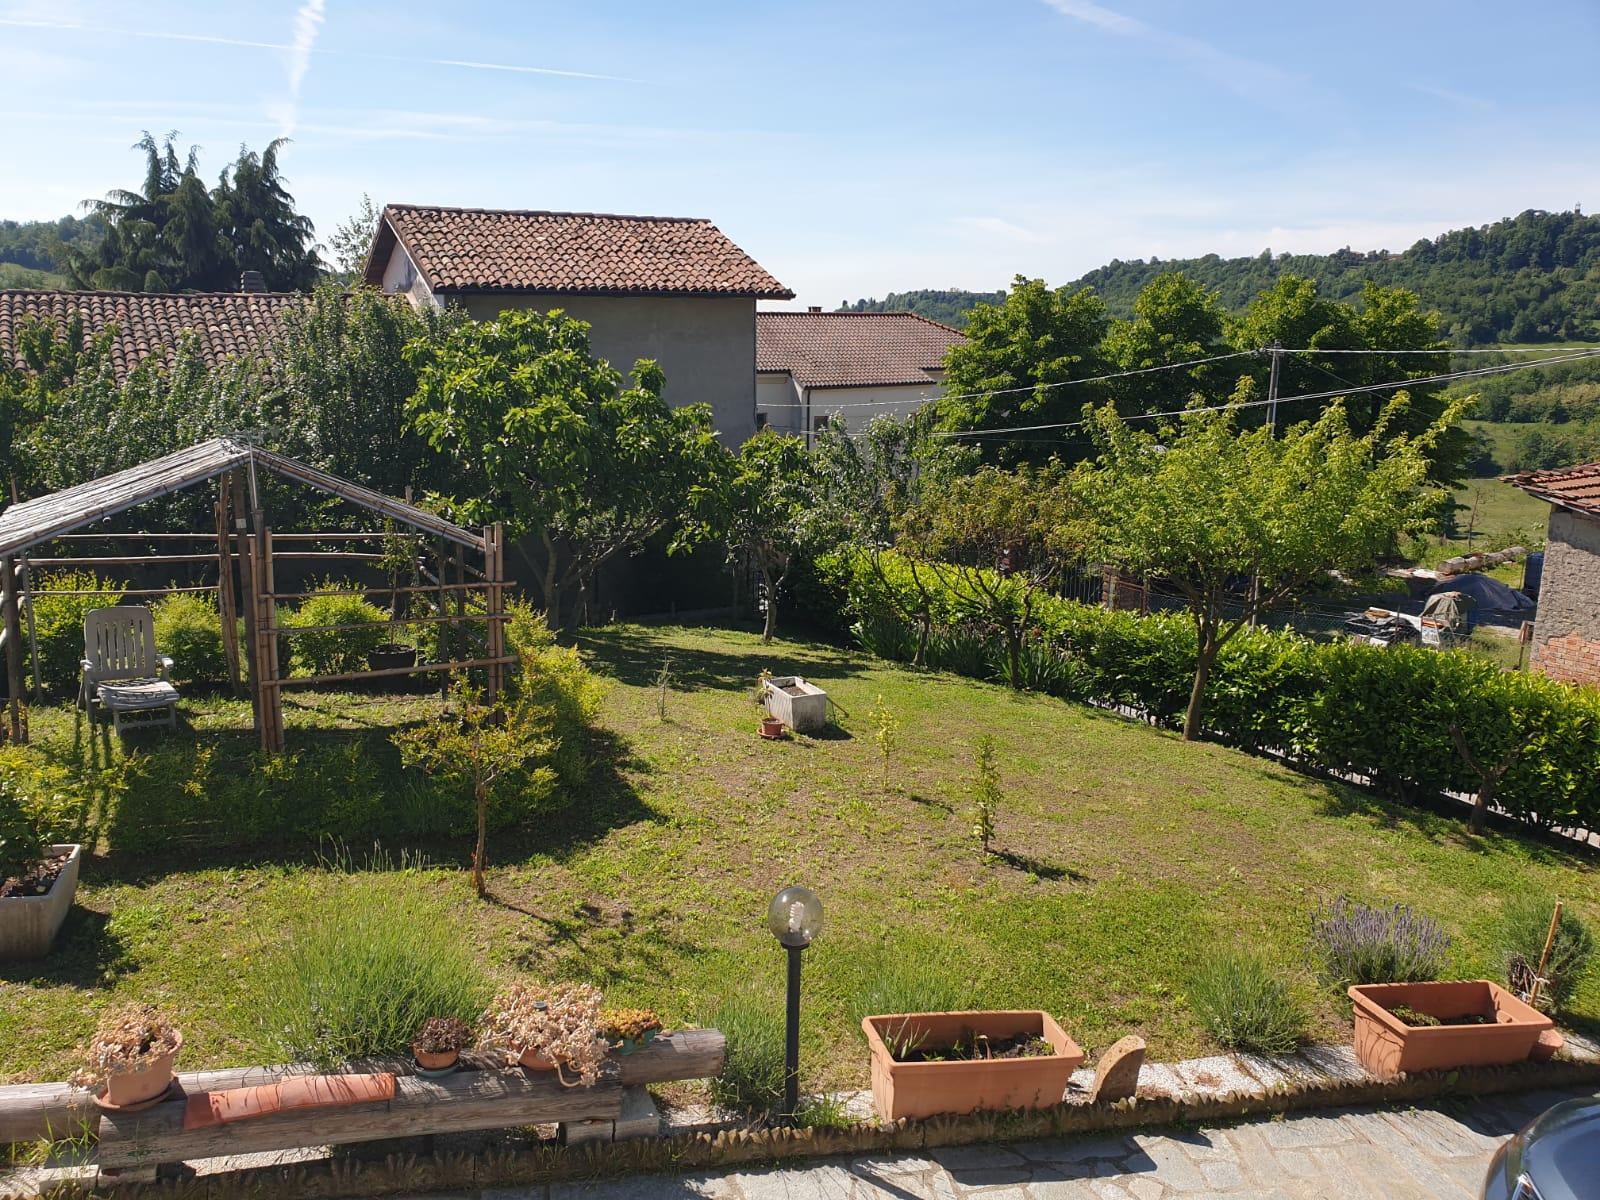 Rustico / Casale in vendita a Cortiglione, 6 locali, prezzo € 229.000 | CambioCasa.it